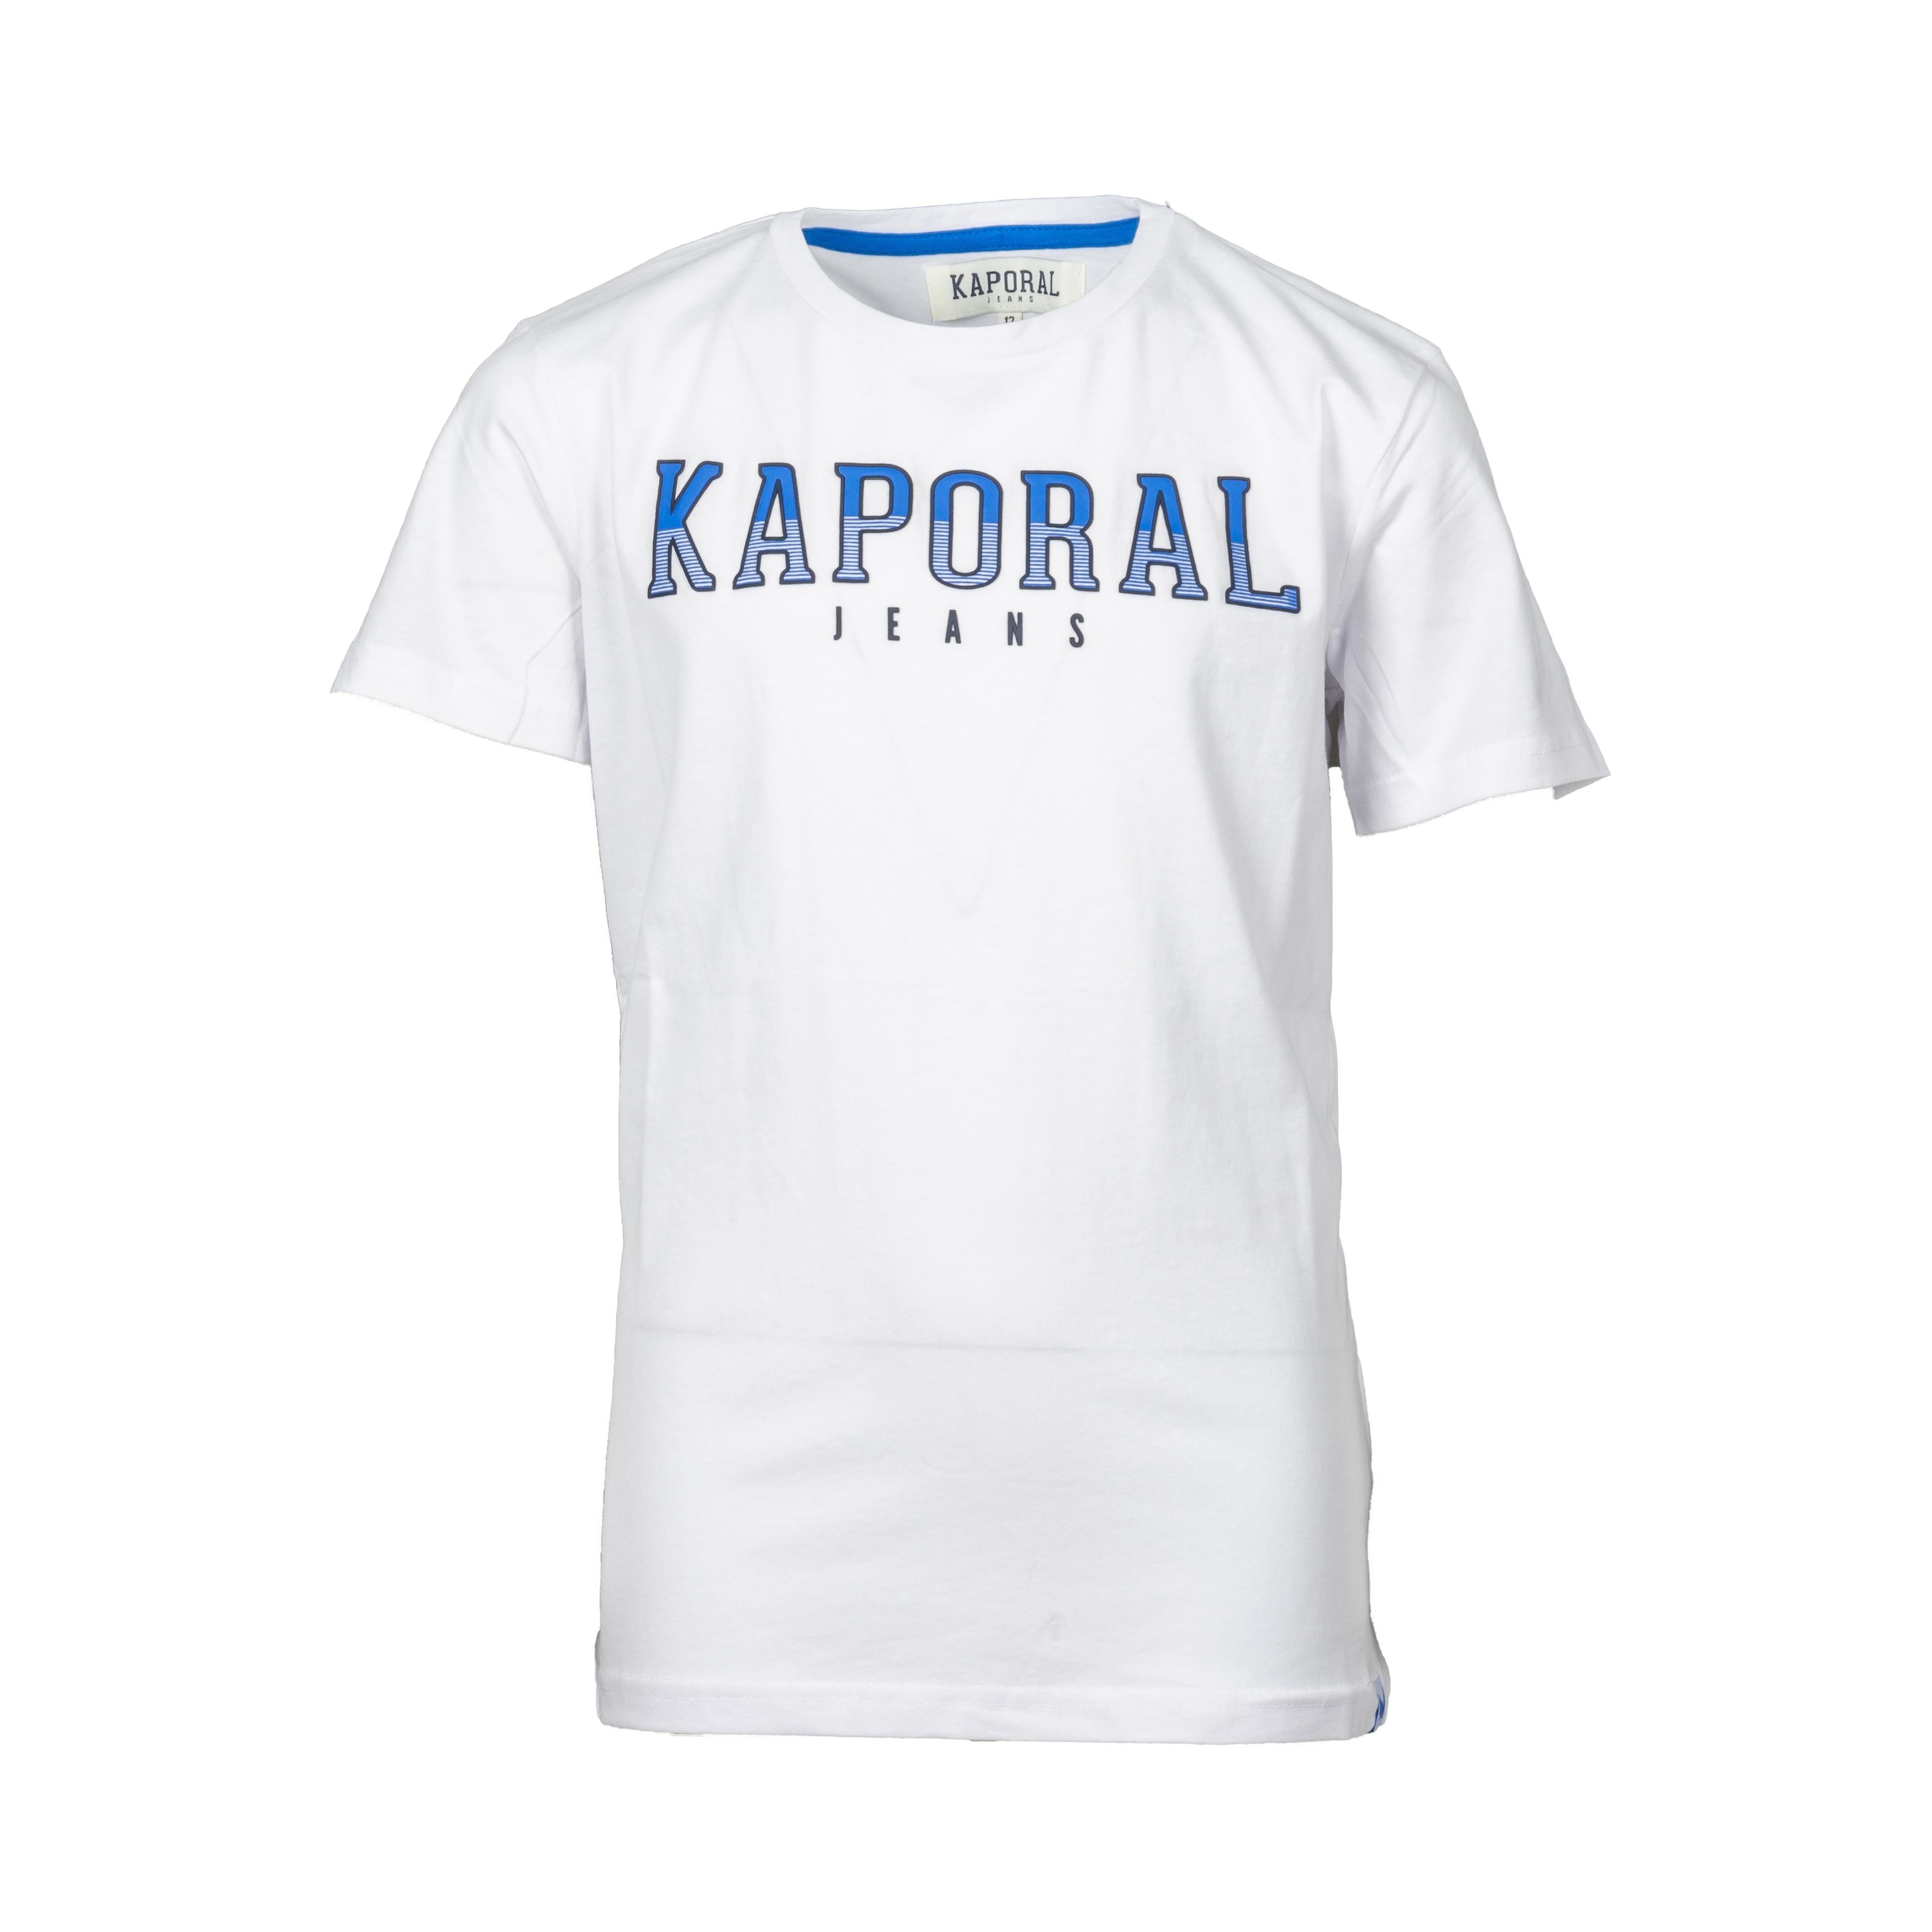 Tee-shirt col rond kaporal enard en coton blanc imprimé